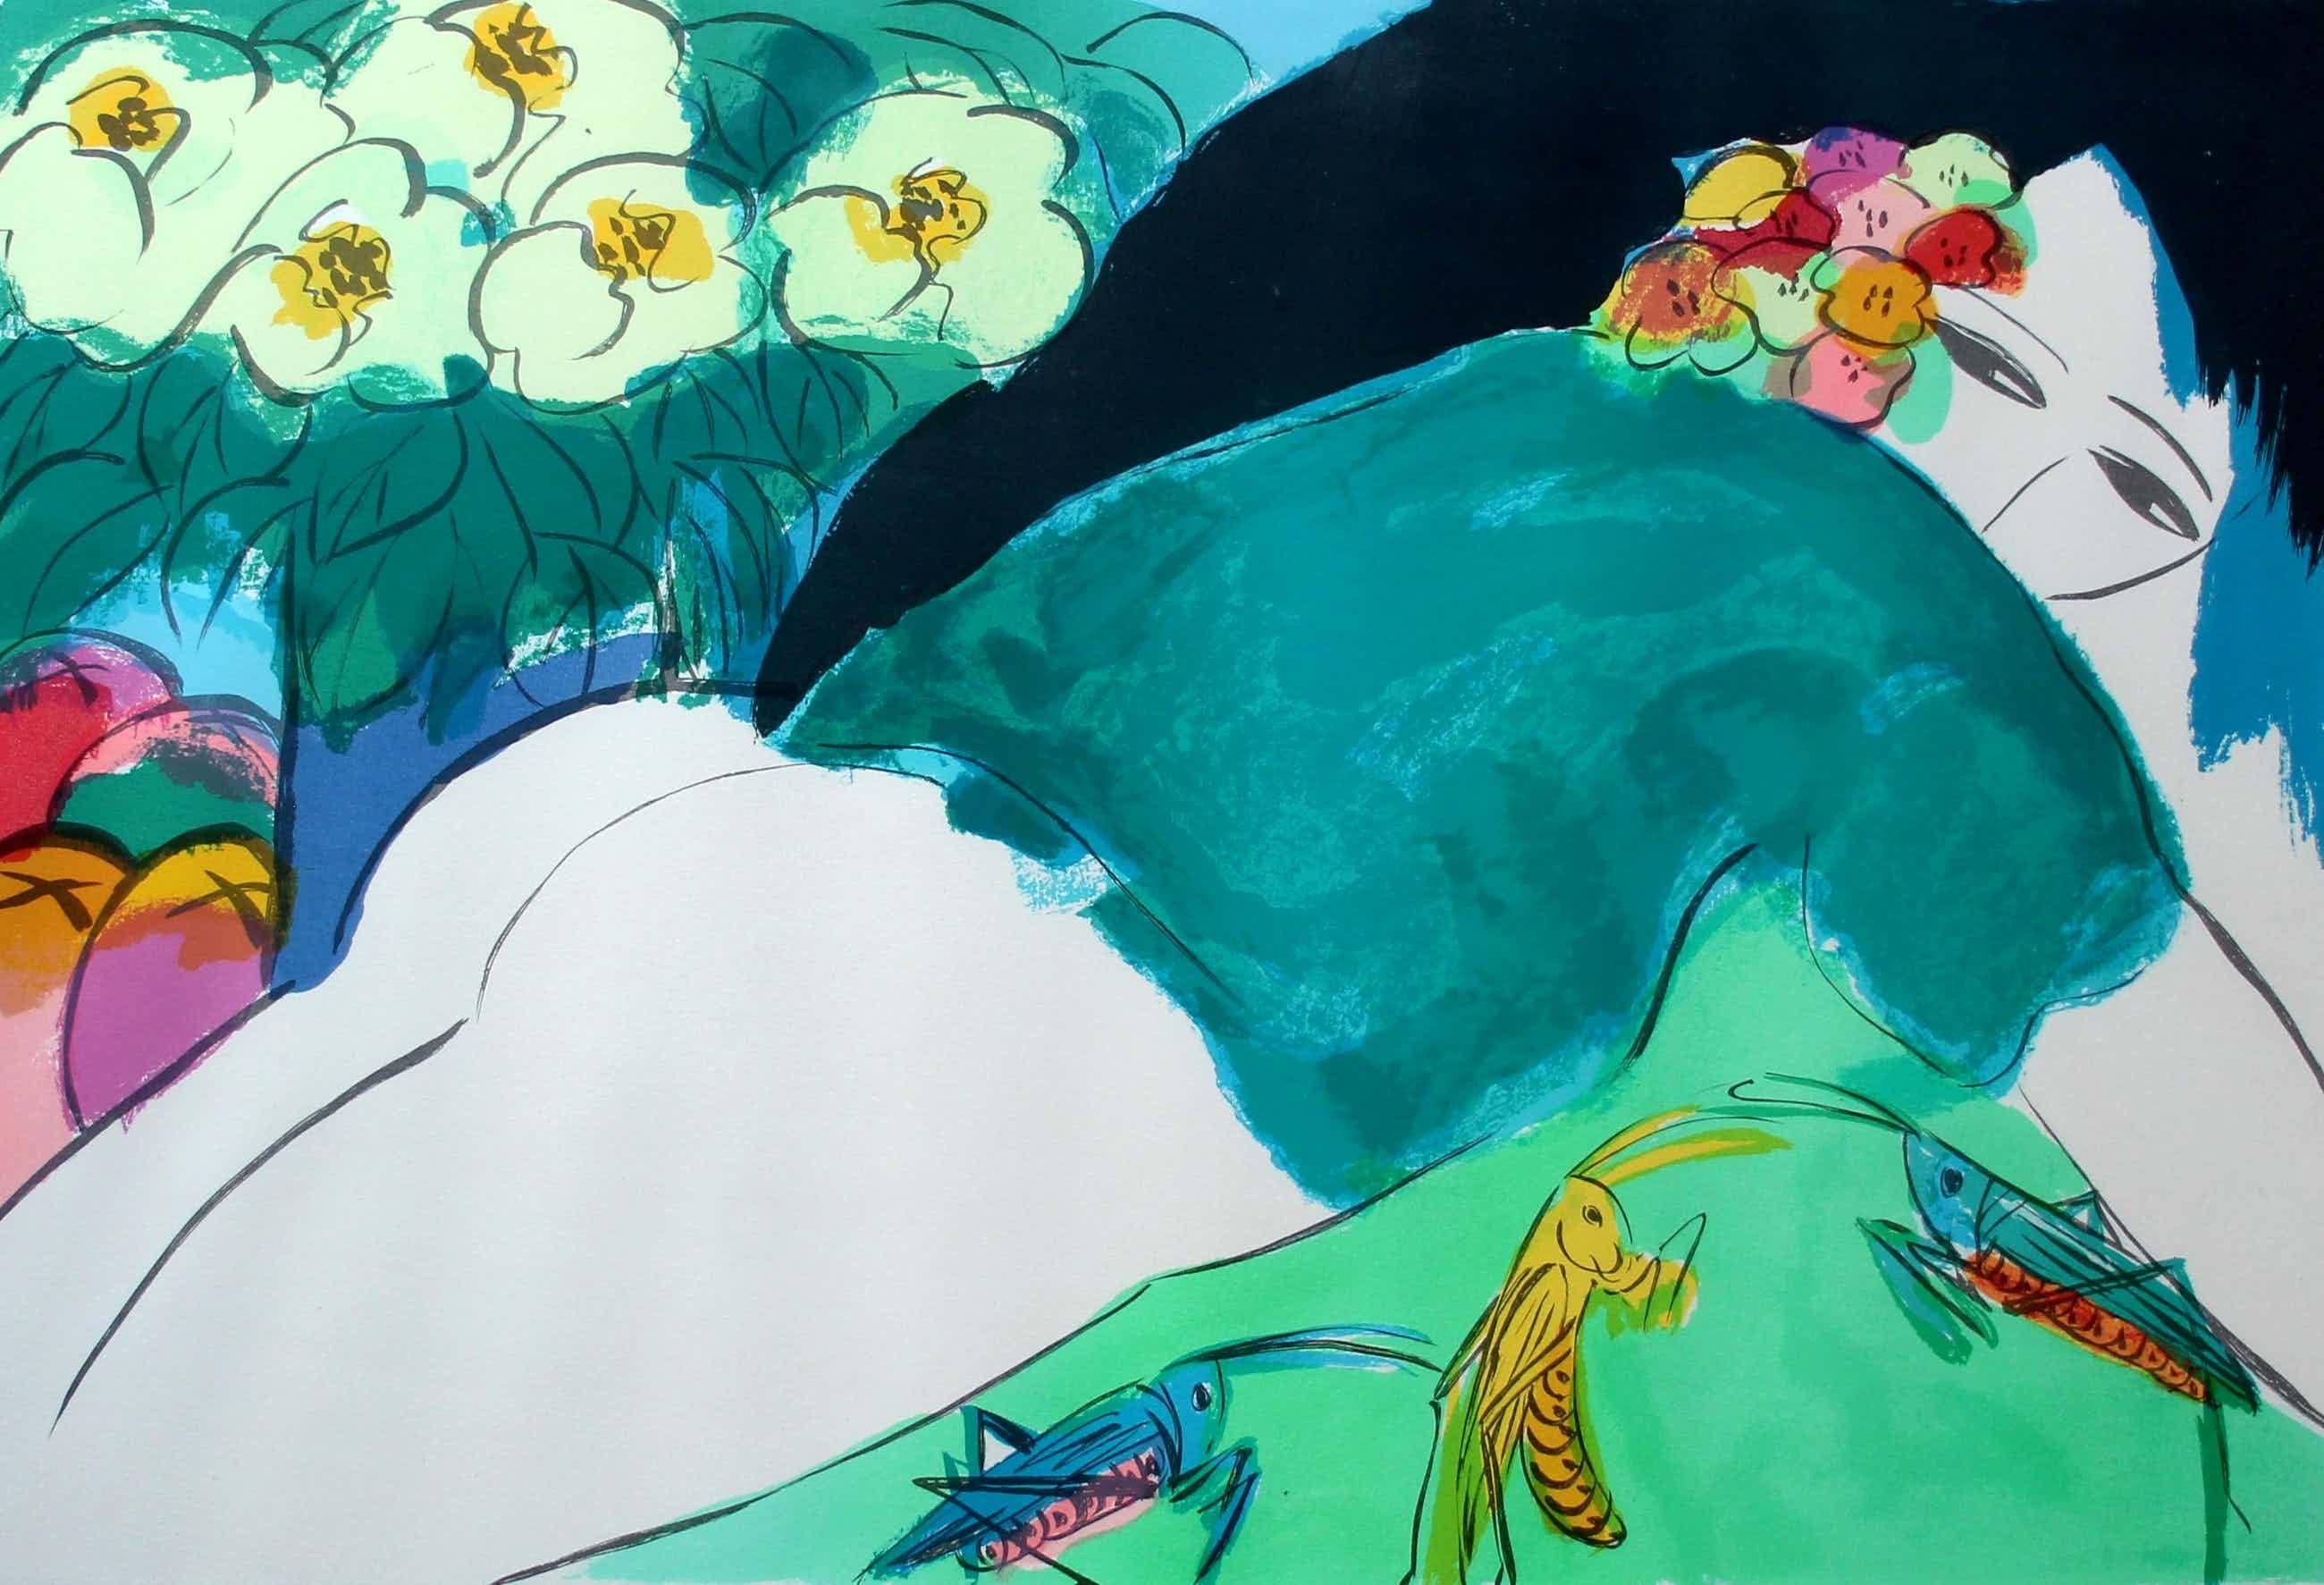 Walasse Ting - Ingelijste litho: Liggende vrouw omgeven door sprinkhanen en bloemen - 1985 kopen? Bied vanaf 575!